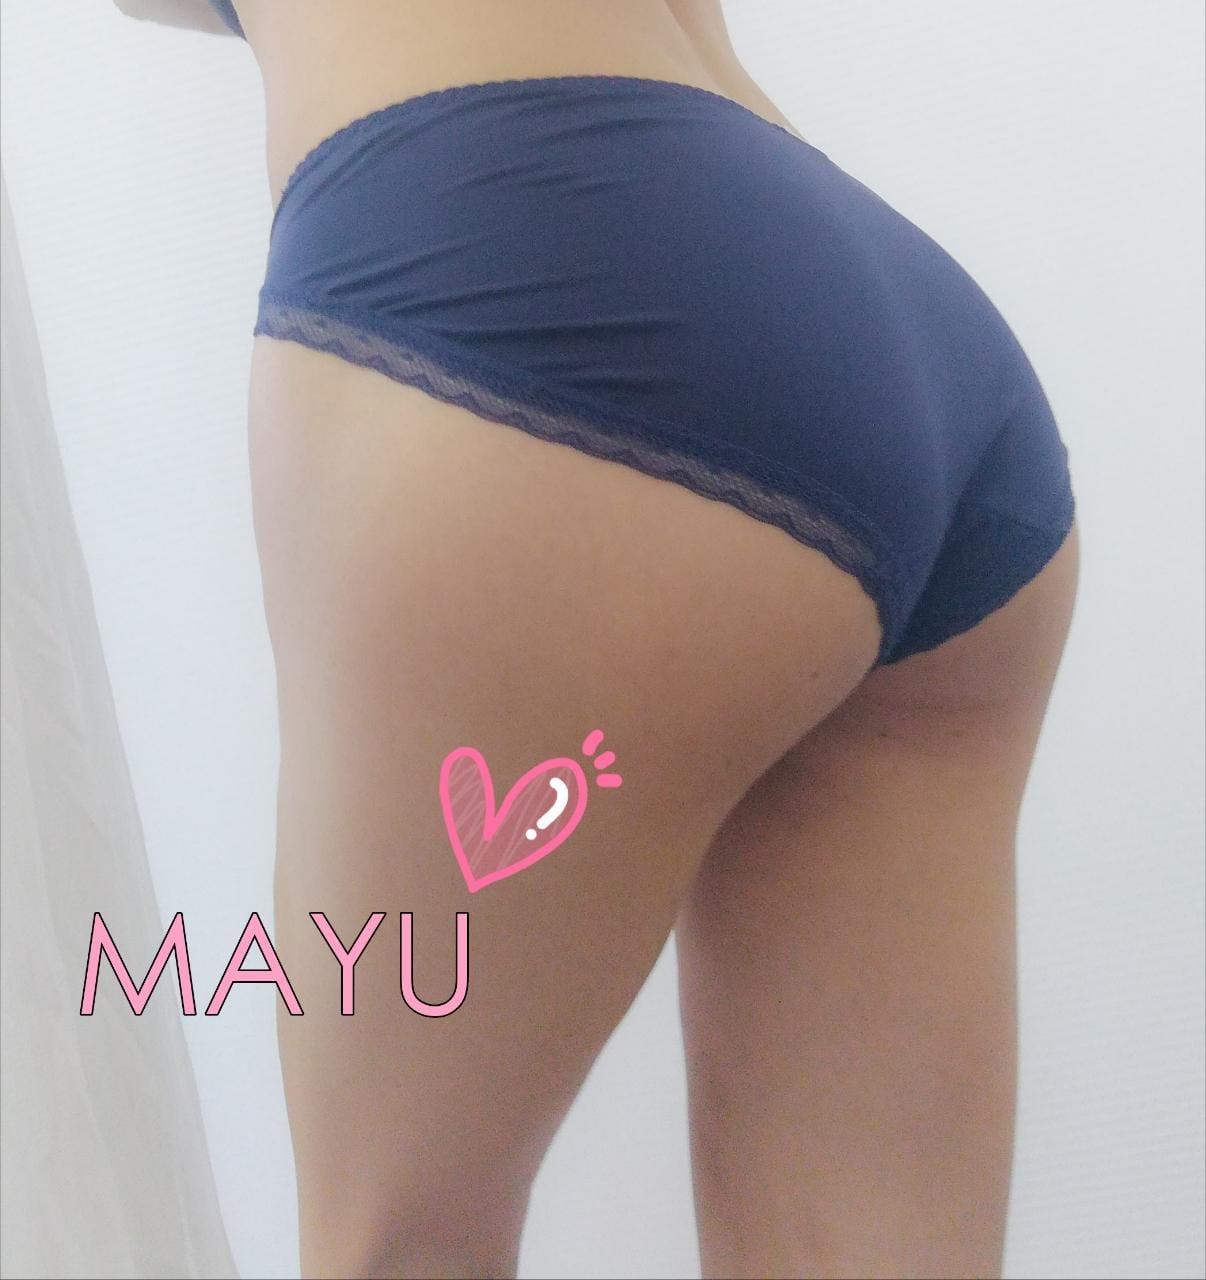 「しゅっきーん☆心配しています…」09/07(金) 16:32 | まゆの写メ・風俗動画